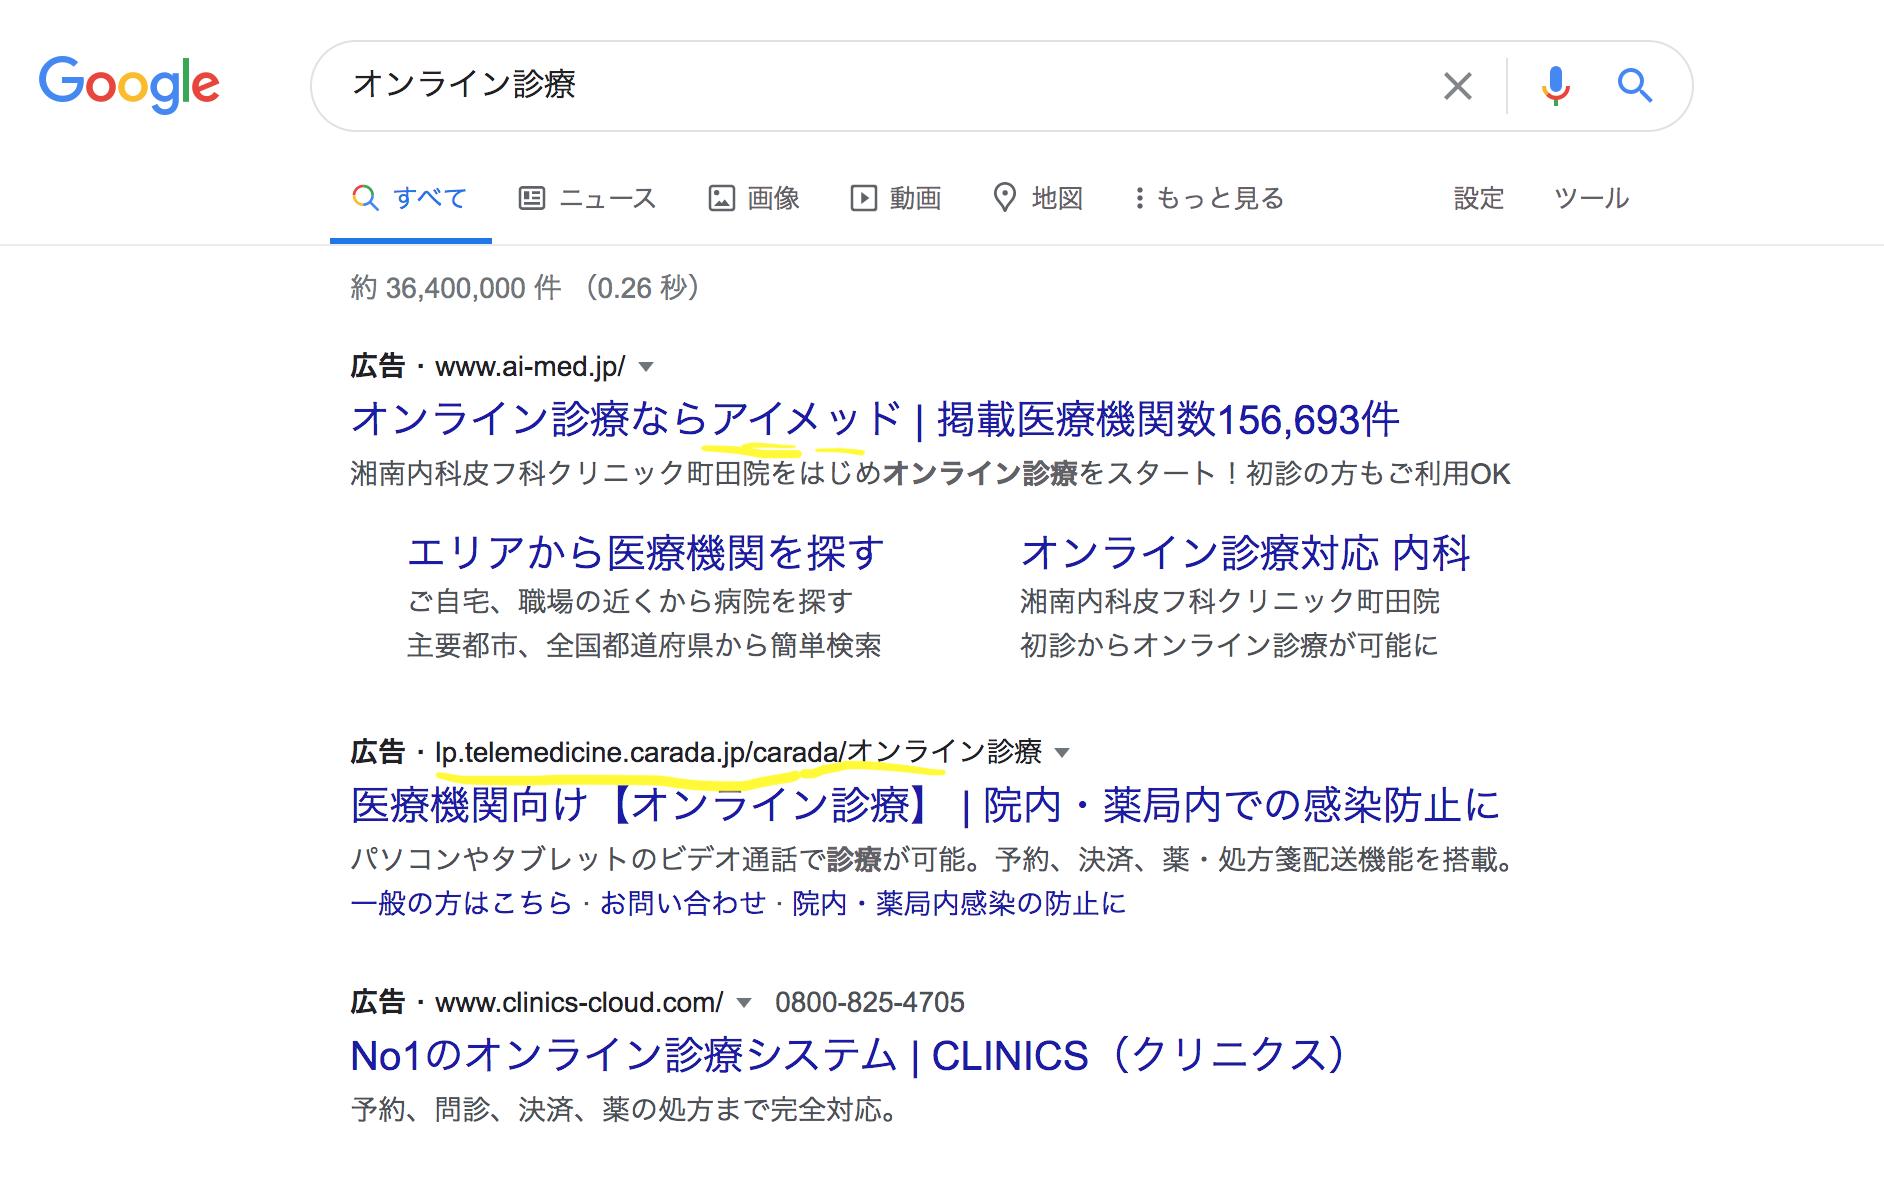 スクリーンショット 2020-05-18 19.36.28.png (399.8 kB)